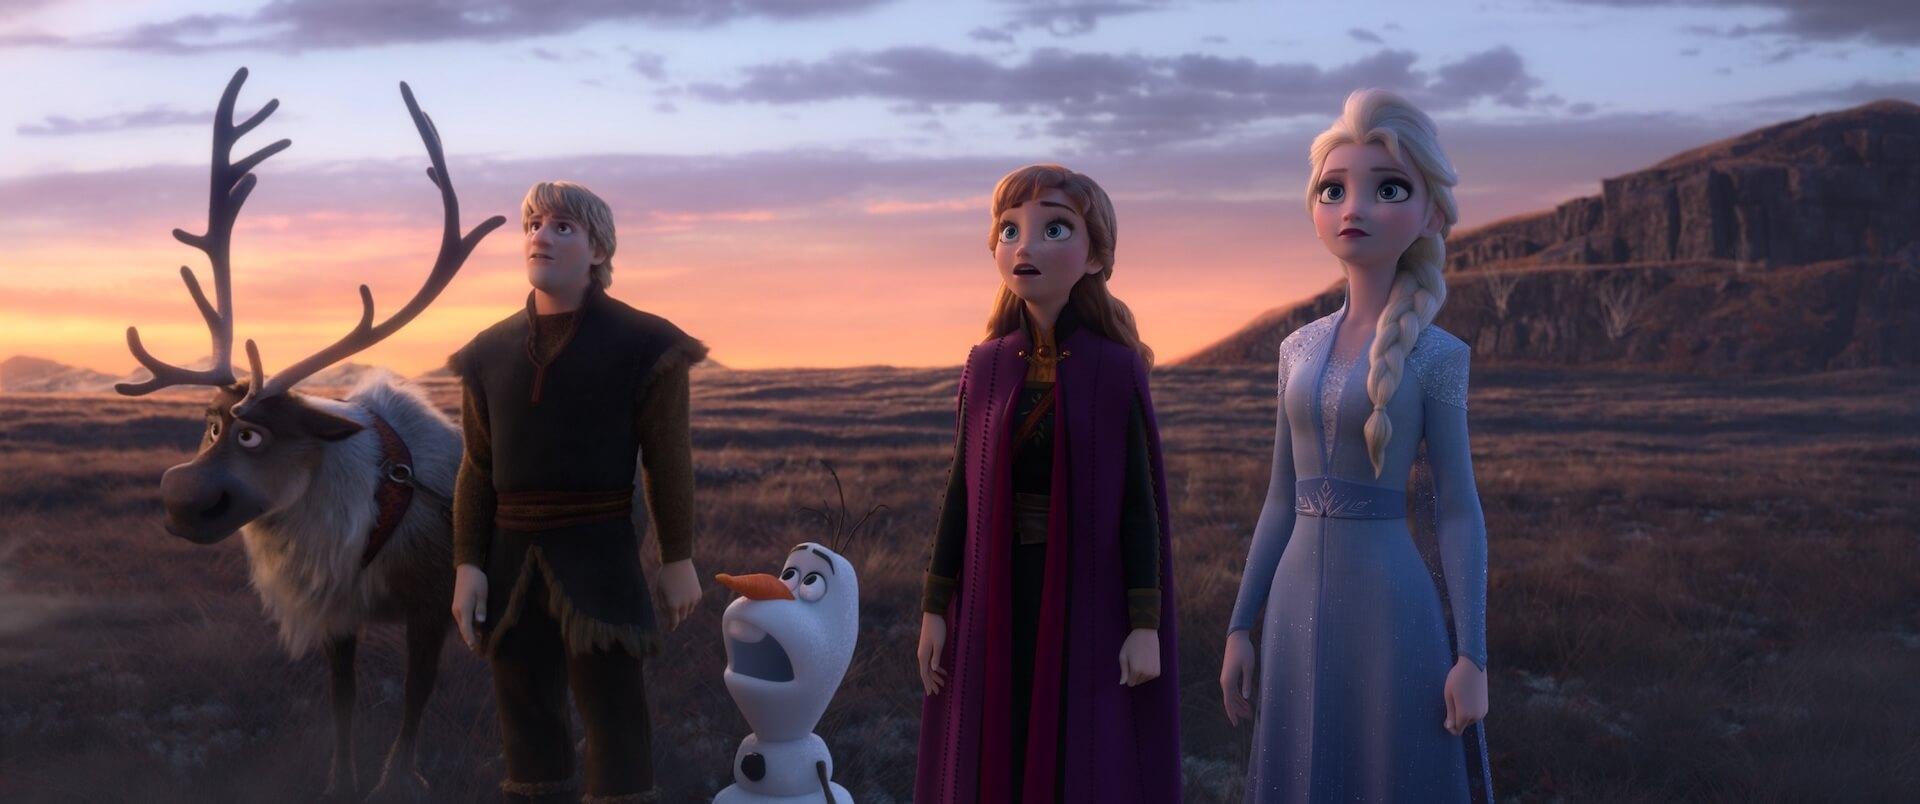 """オラフの""""新事実""""が発覚!?エルサ、アナ達がジェスチャーゲームをする『アナと雪の女王2』本編映像が初解禁 film191119_frozen2_1"""